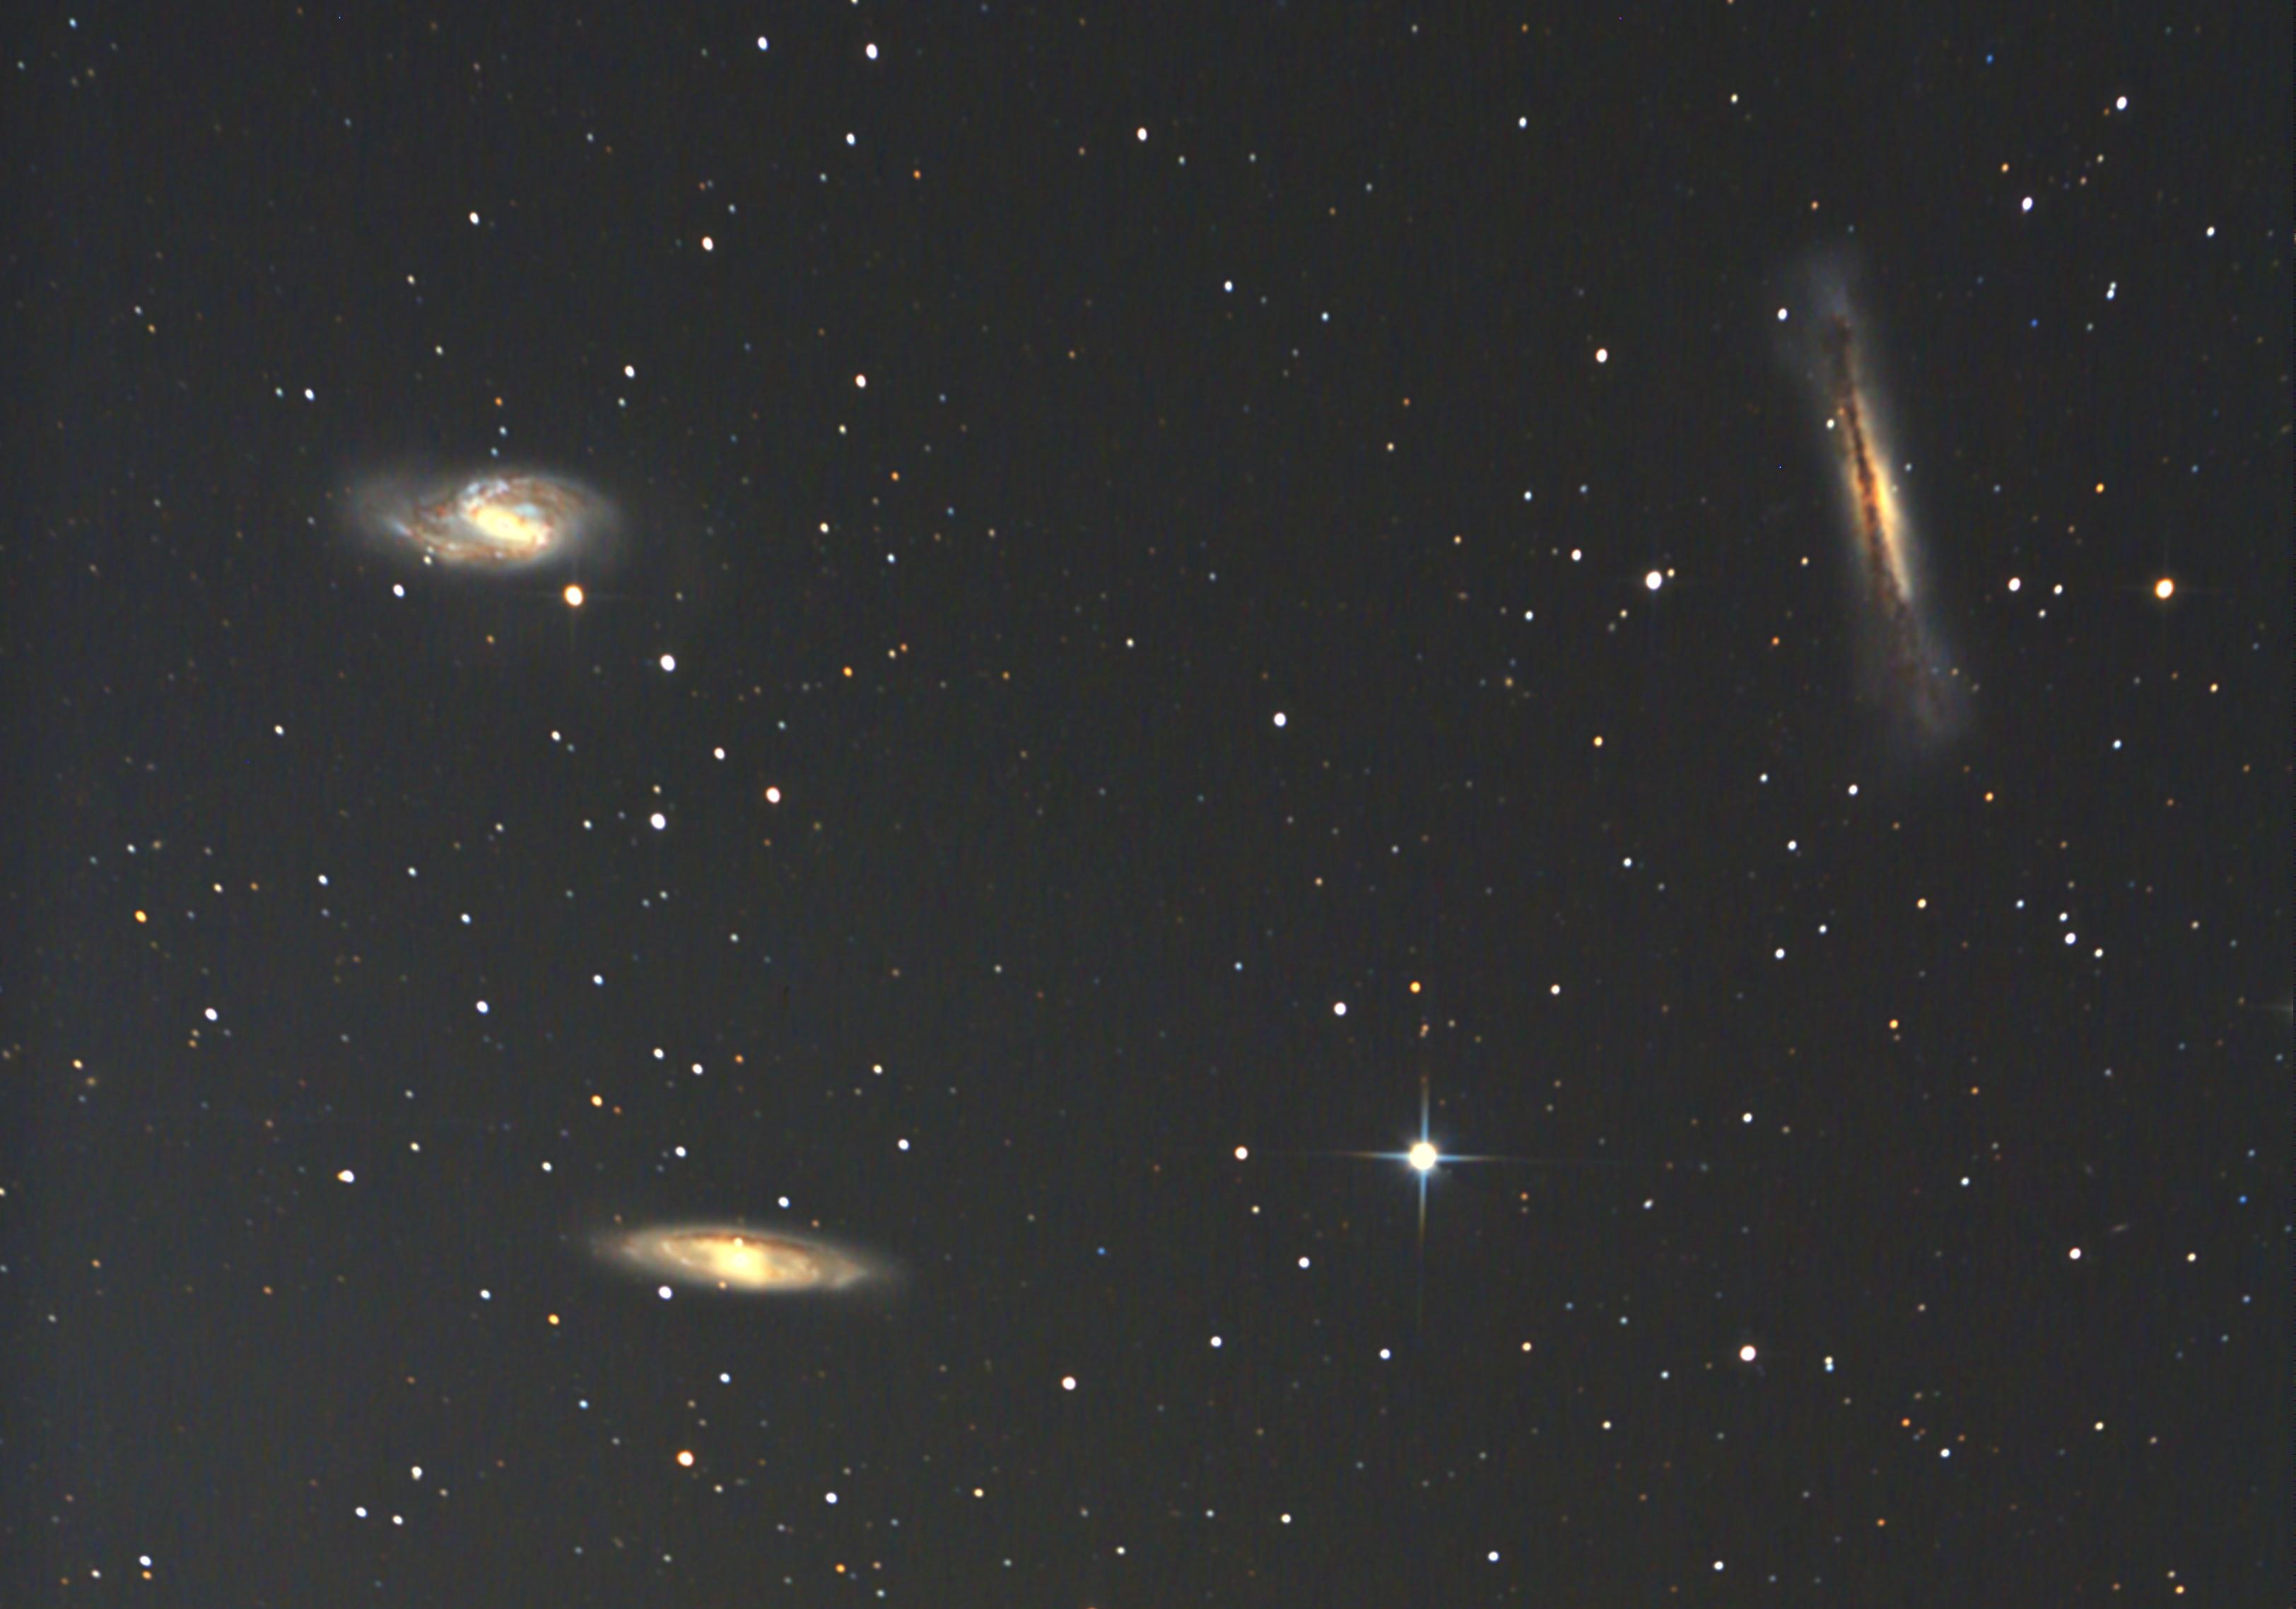 しし座トリオの銀河M65、M66、NGC3628